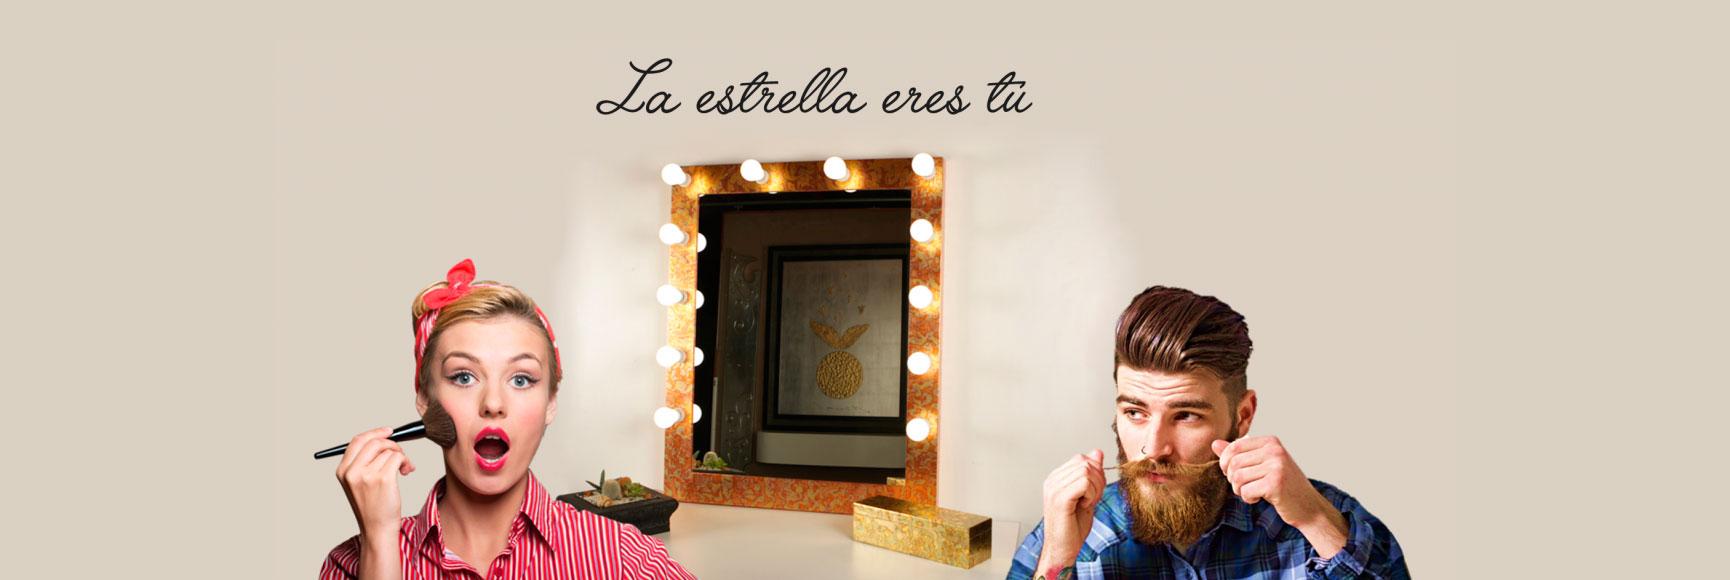 slide_espejos_de_maquillaje_2_1_3